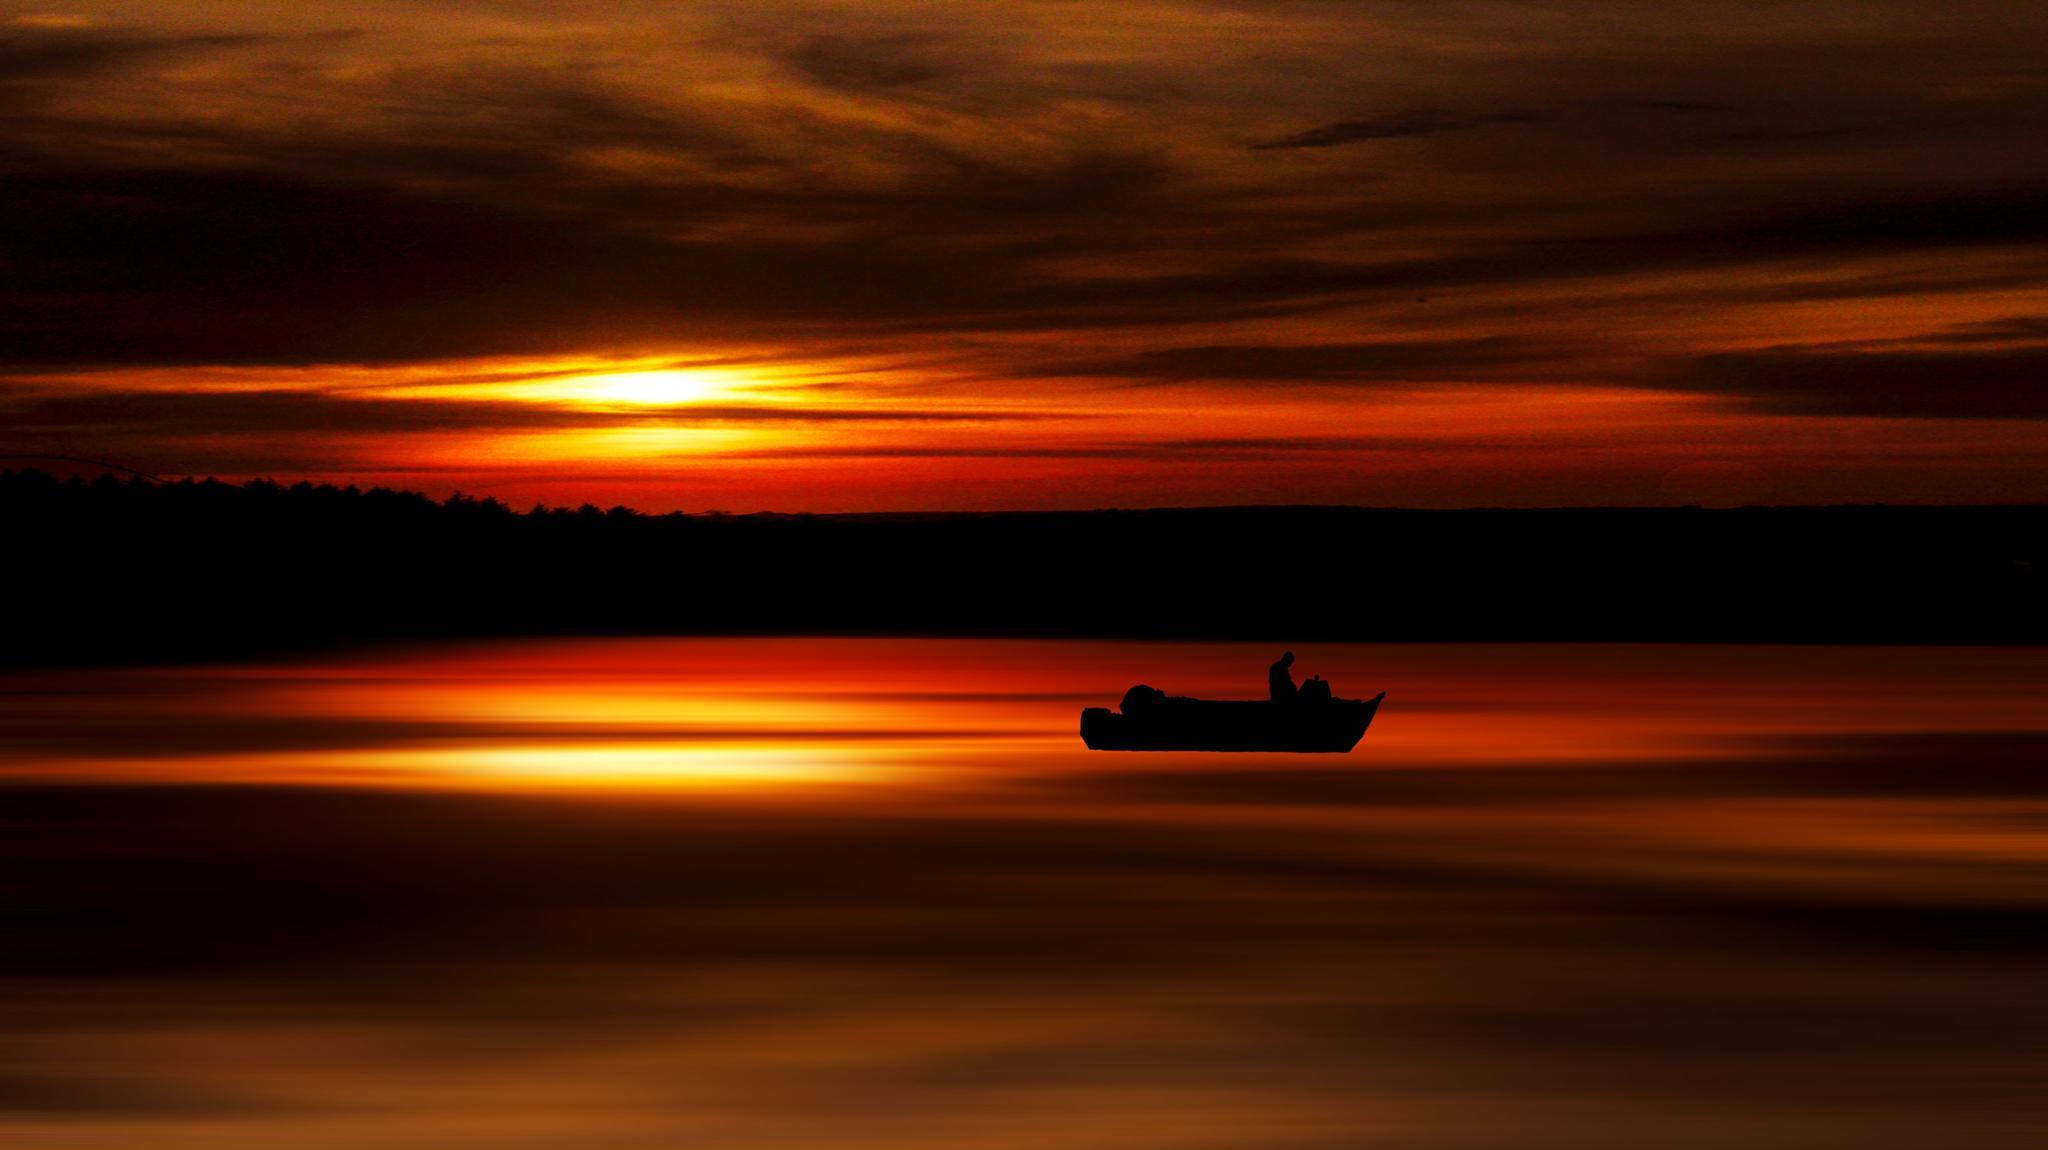 The Boat by rachel.mathias1